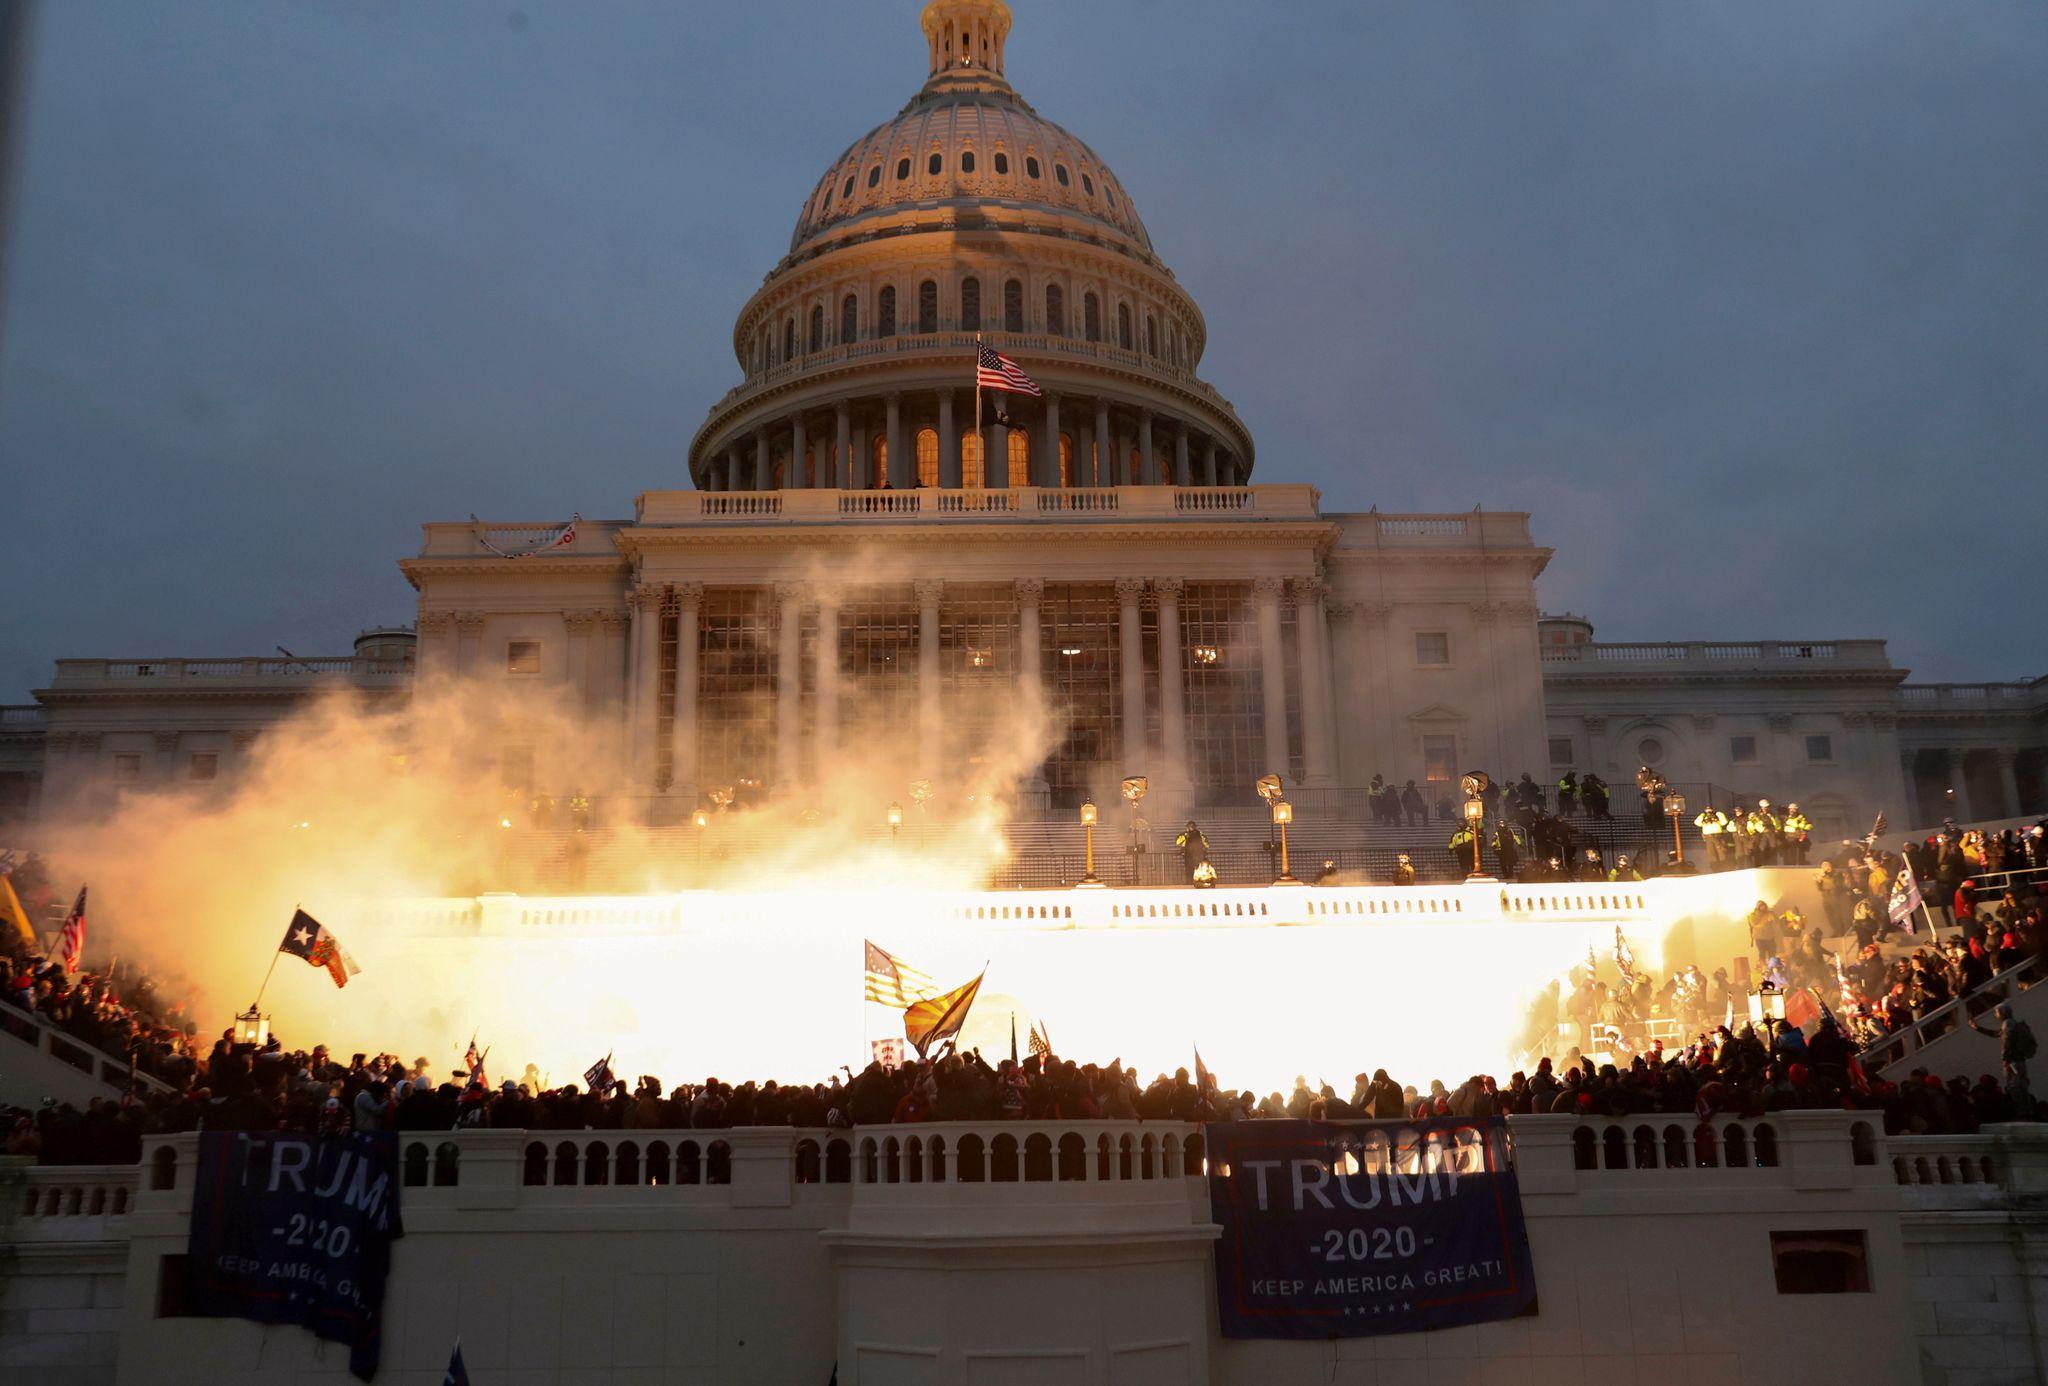 Kongressen i USA har blitt angrepet mange ganger. Verst gikk det da britene  kom til byen.